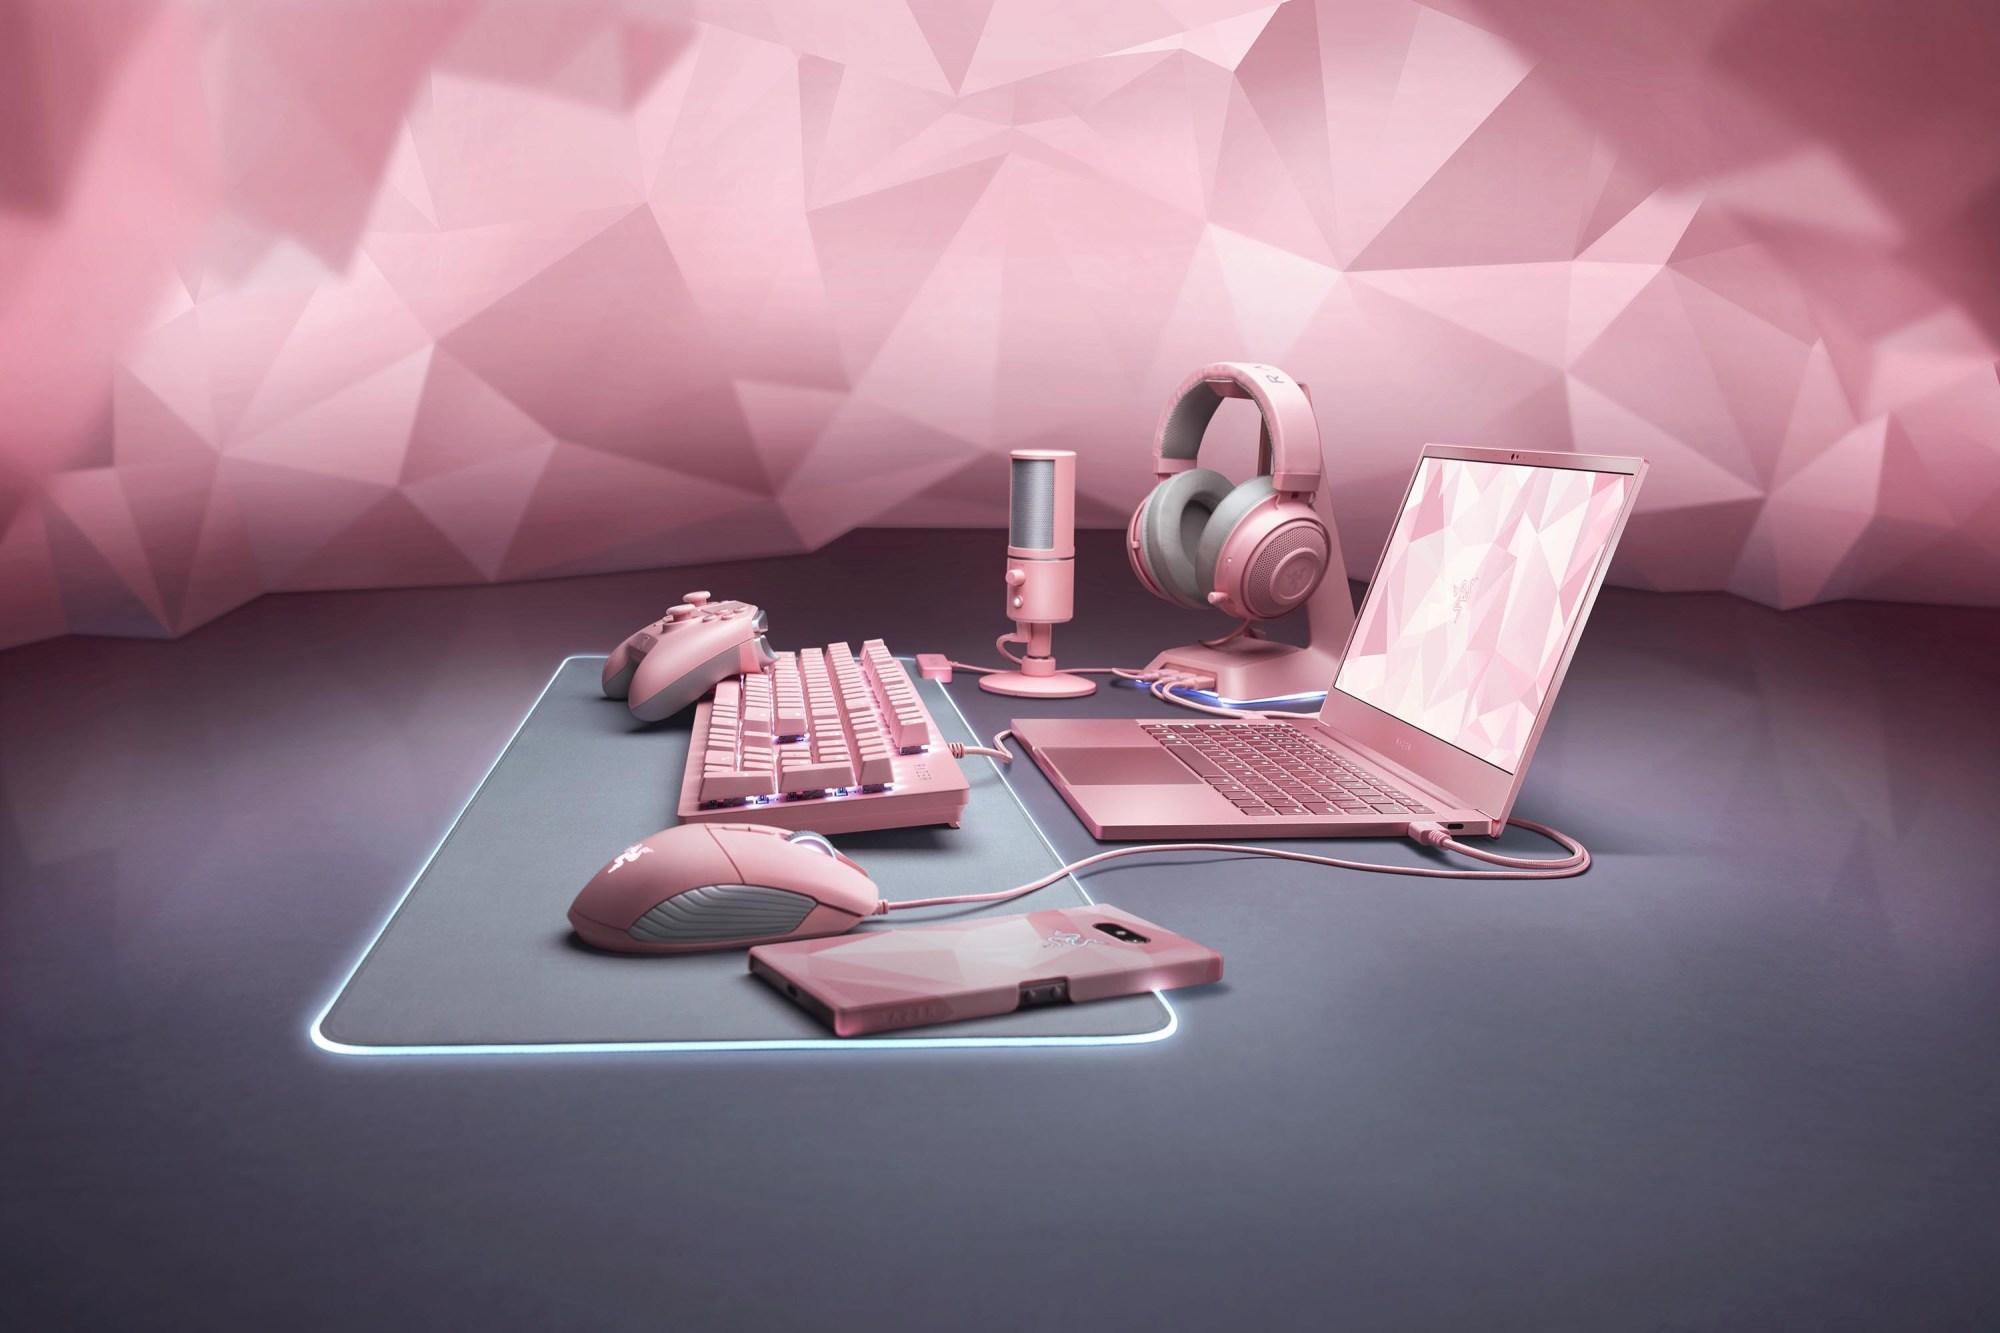 ピンクのゲーミングPC・デバイス